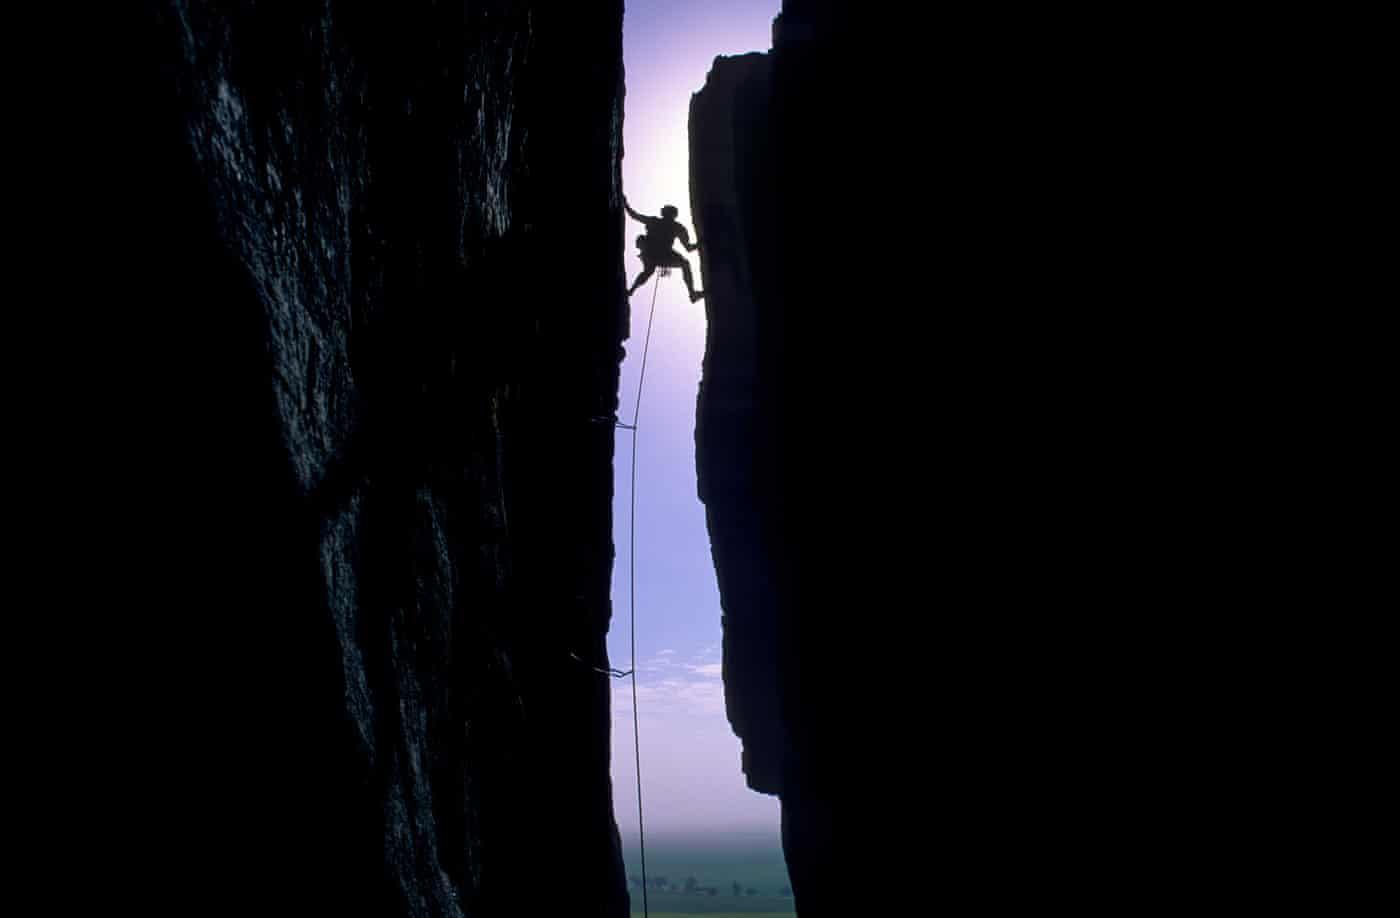 Người chuyên săn ảnh trên vách núi - Ảnh 4.